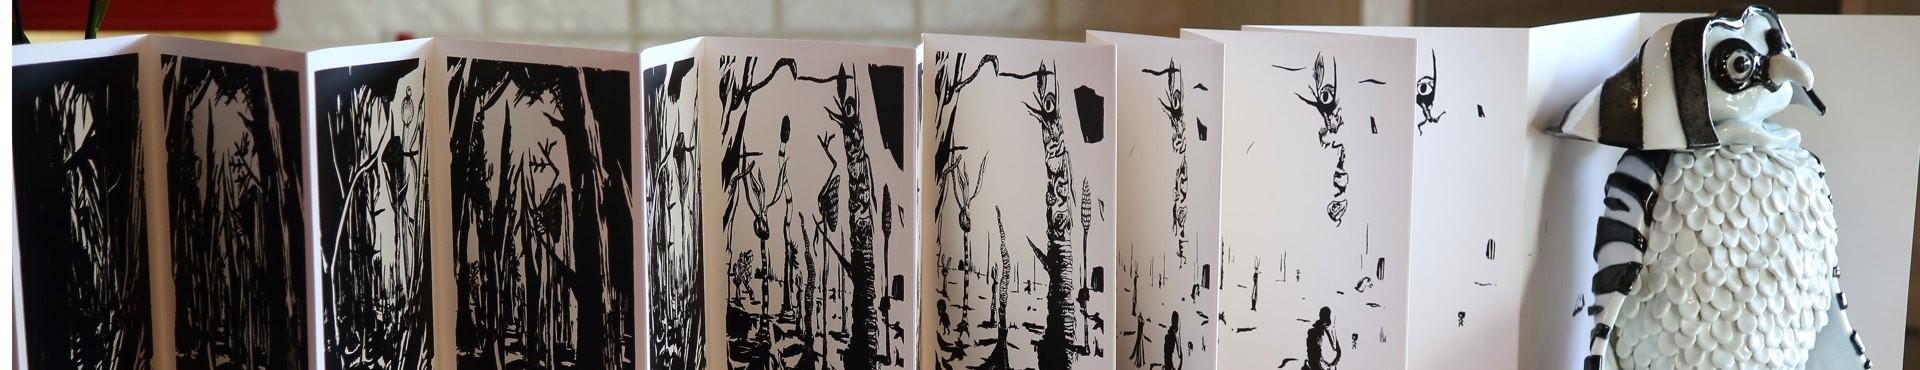 désailés forêt sérigraphie gravure sur bois livre d'artiste édition